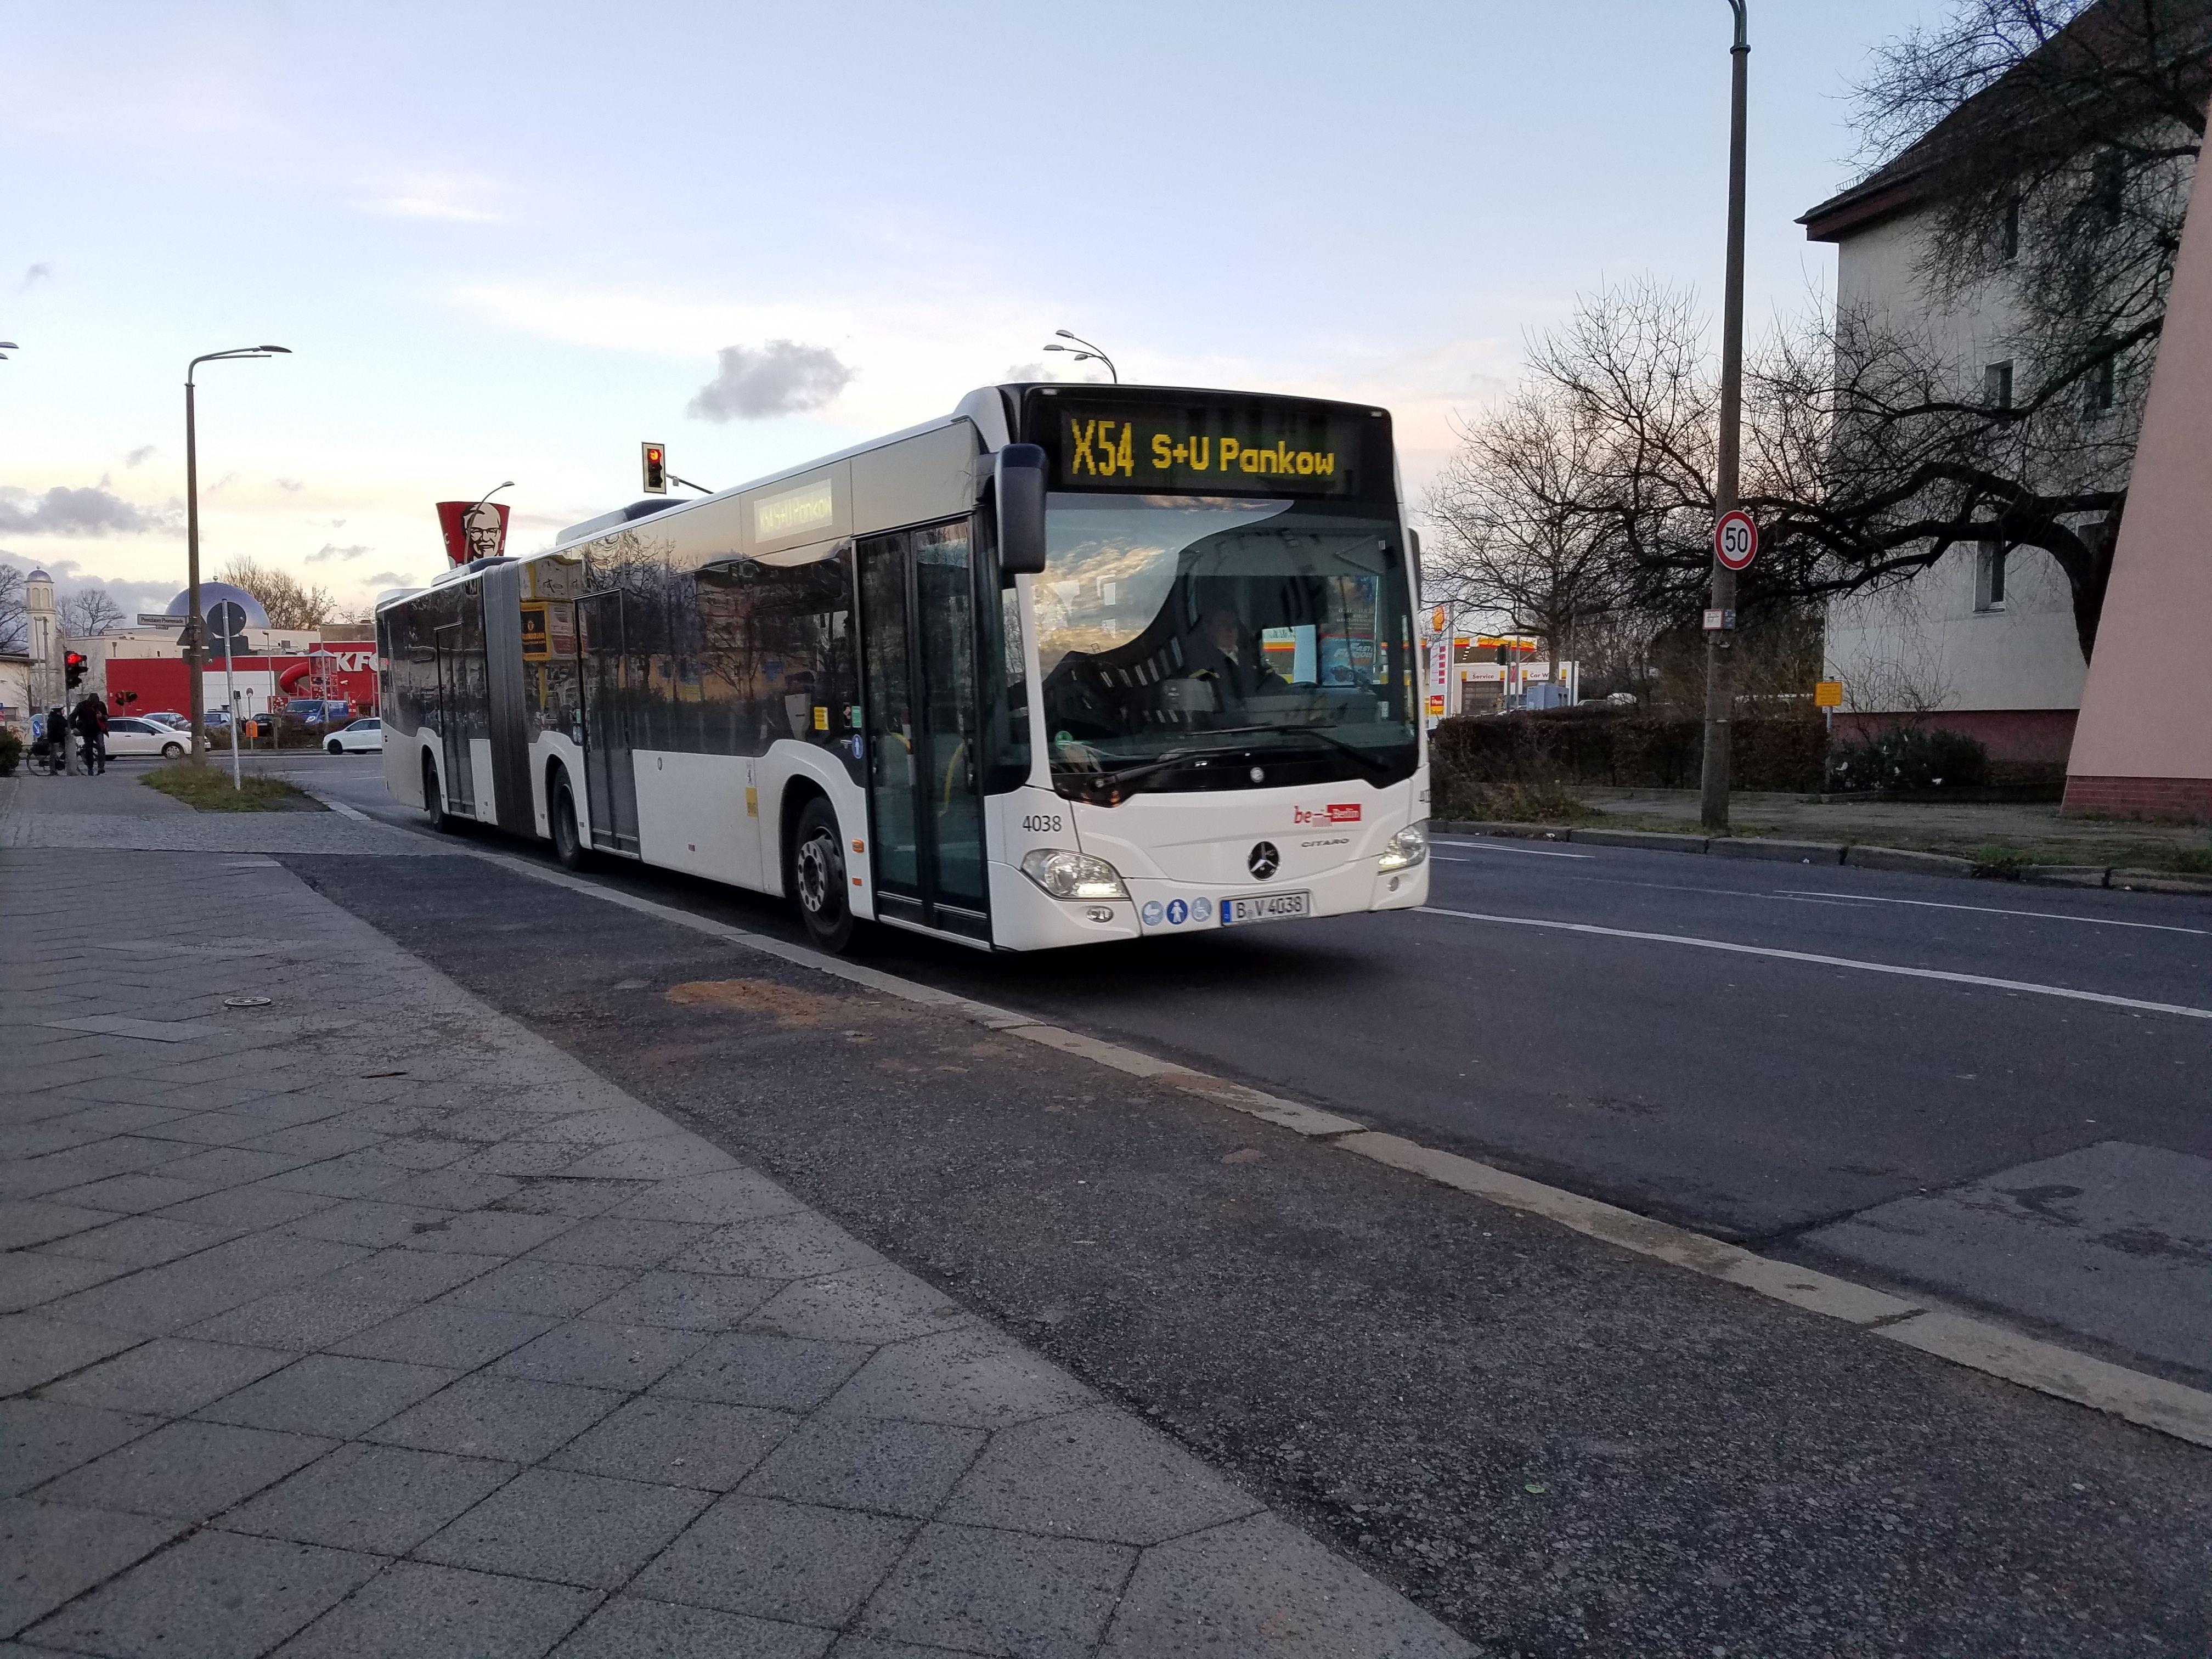 Foto: Bus 4038, Gelenkbus Typ Citaro GN C2 , Berlin-Pankow, Januar 2018